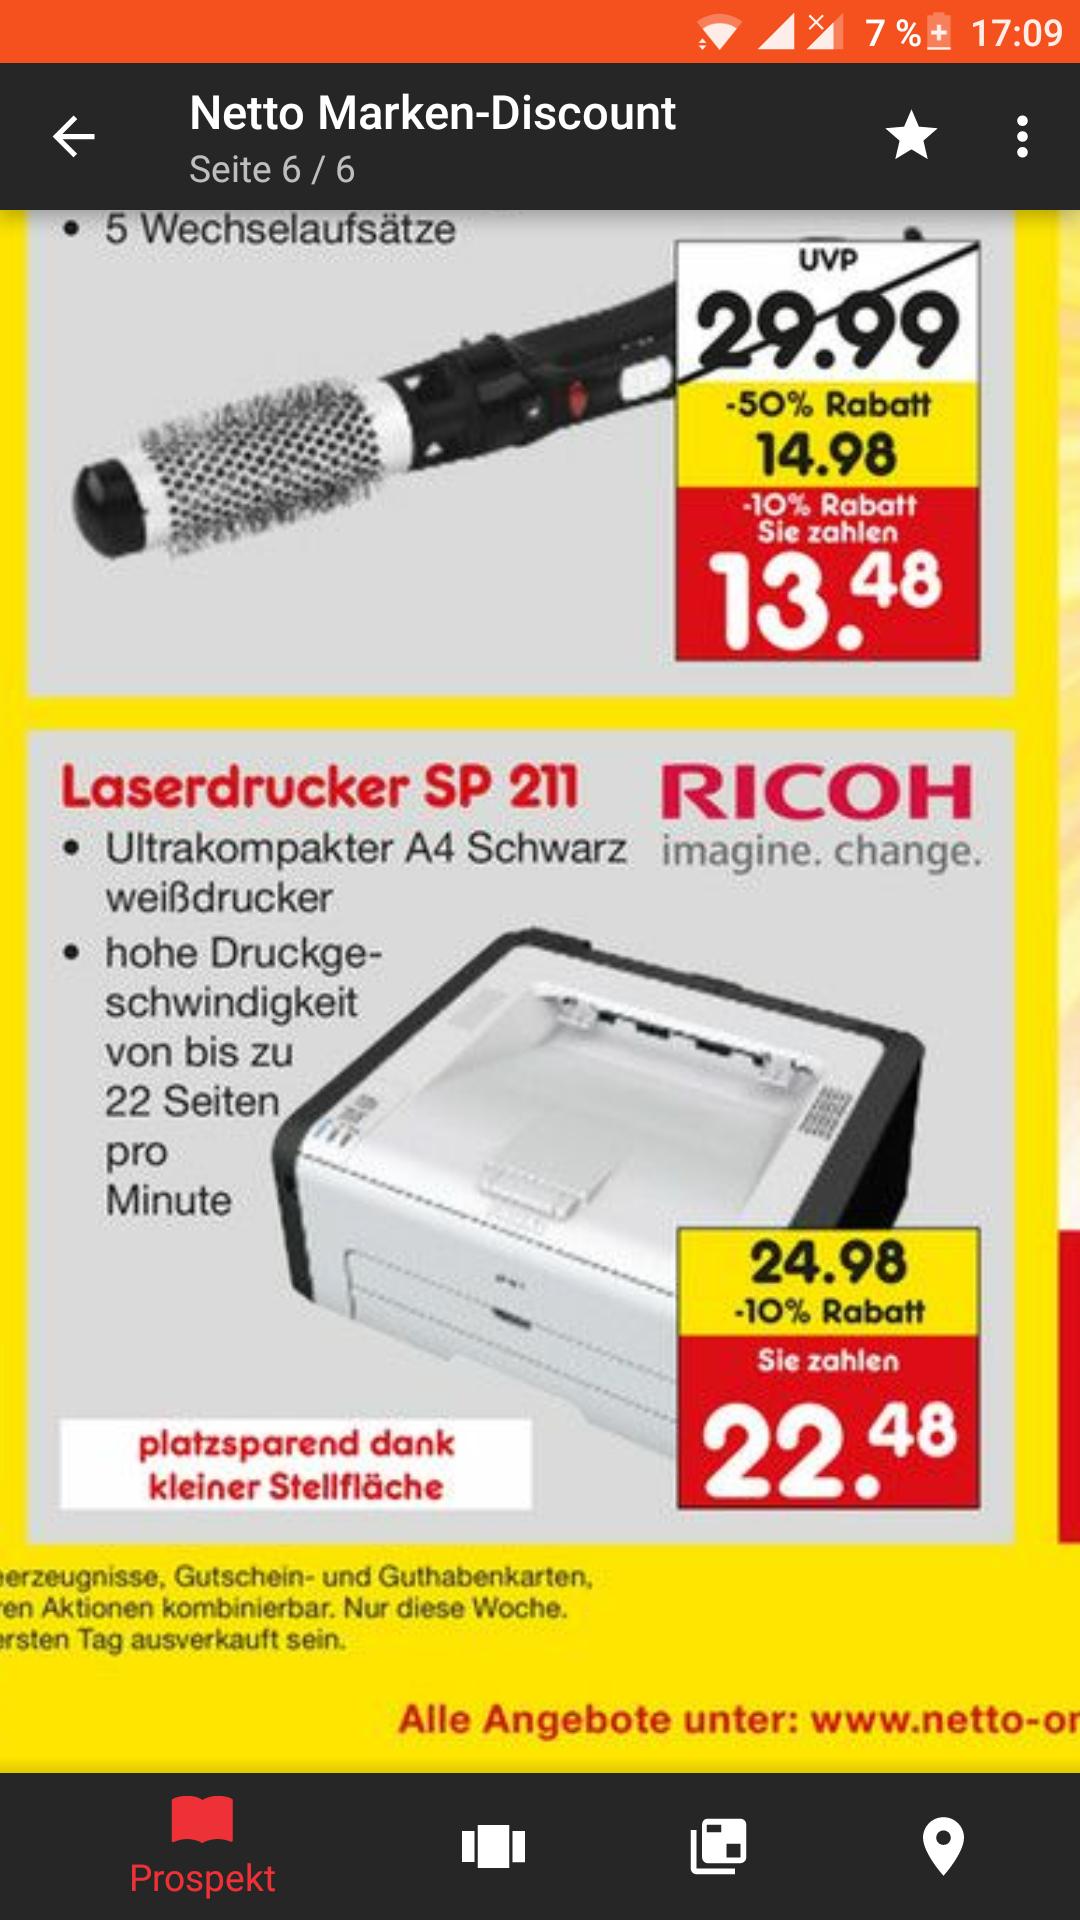 [Netto Marken-Discount] LOKAL: Schwarz-Weiss Laserdrucker für 22,48€